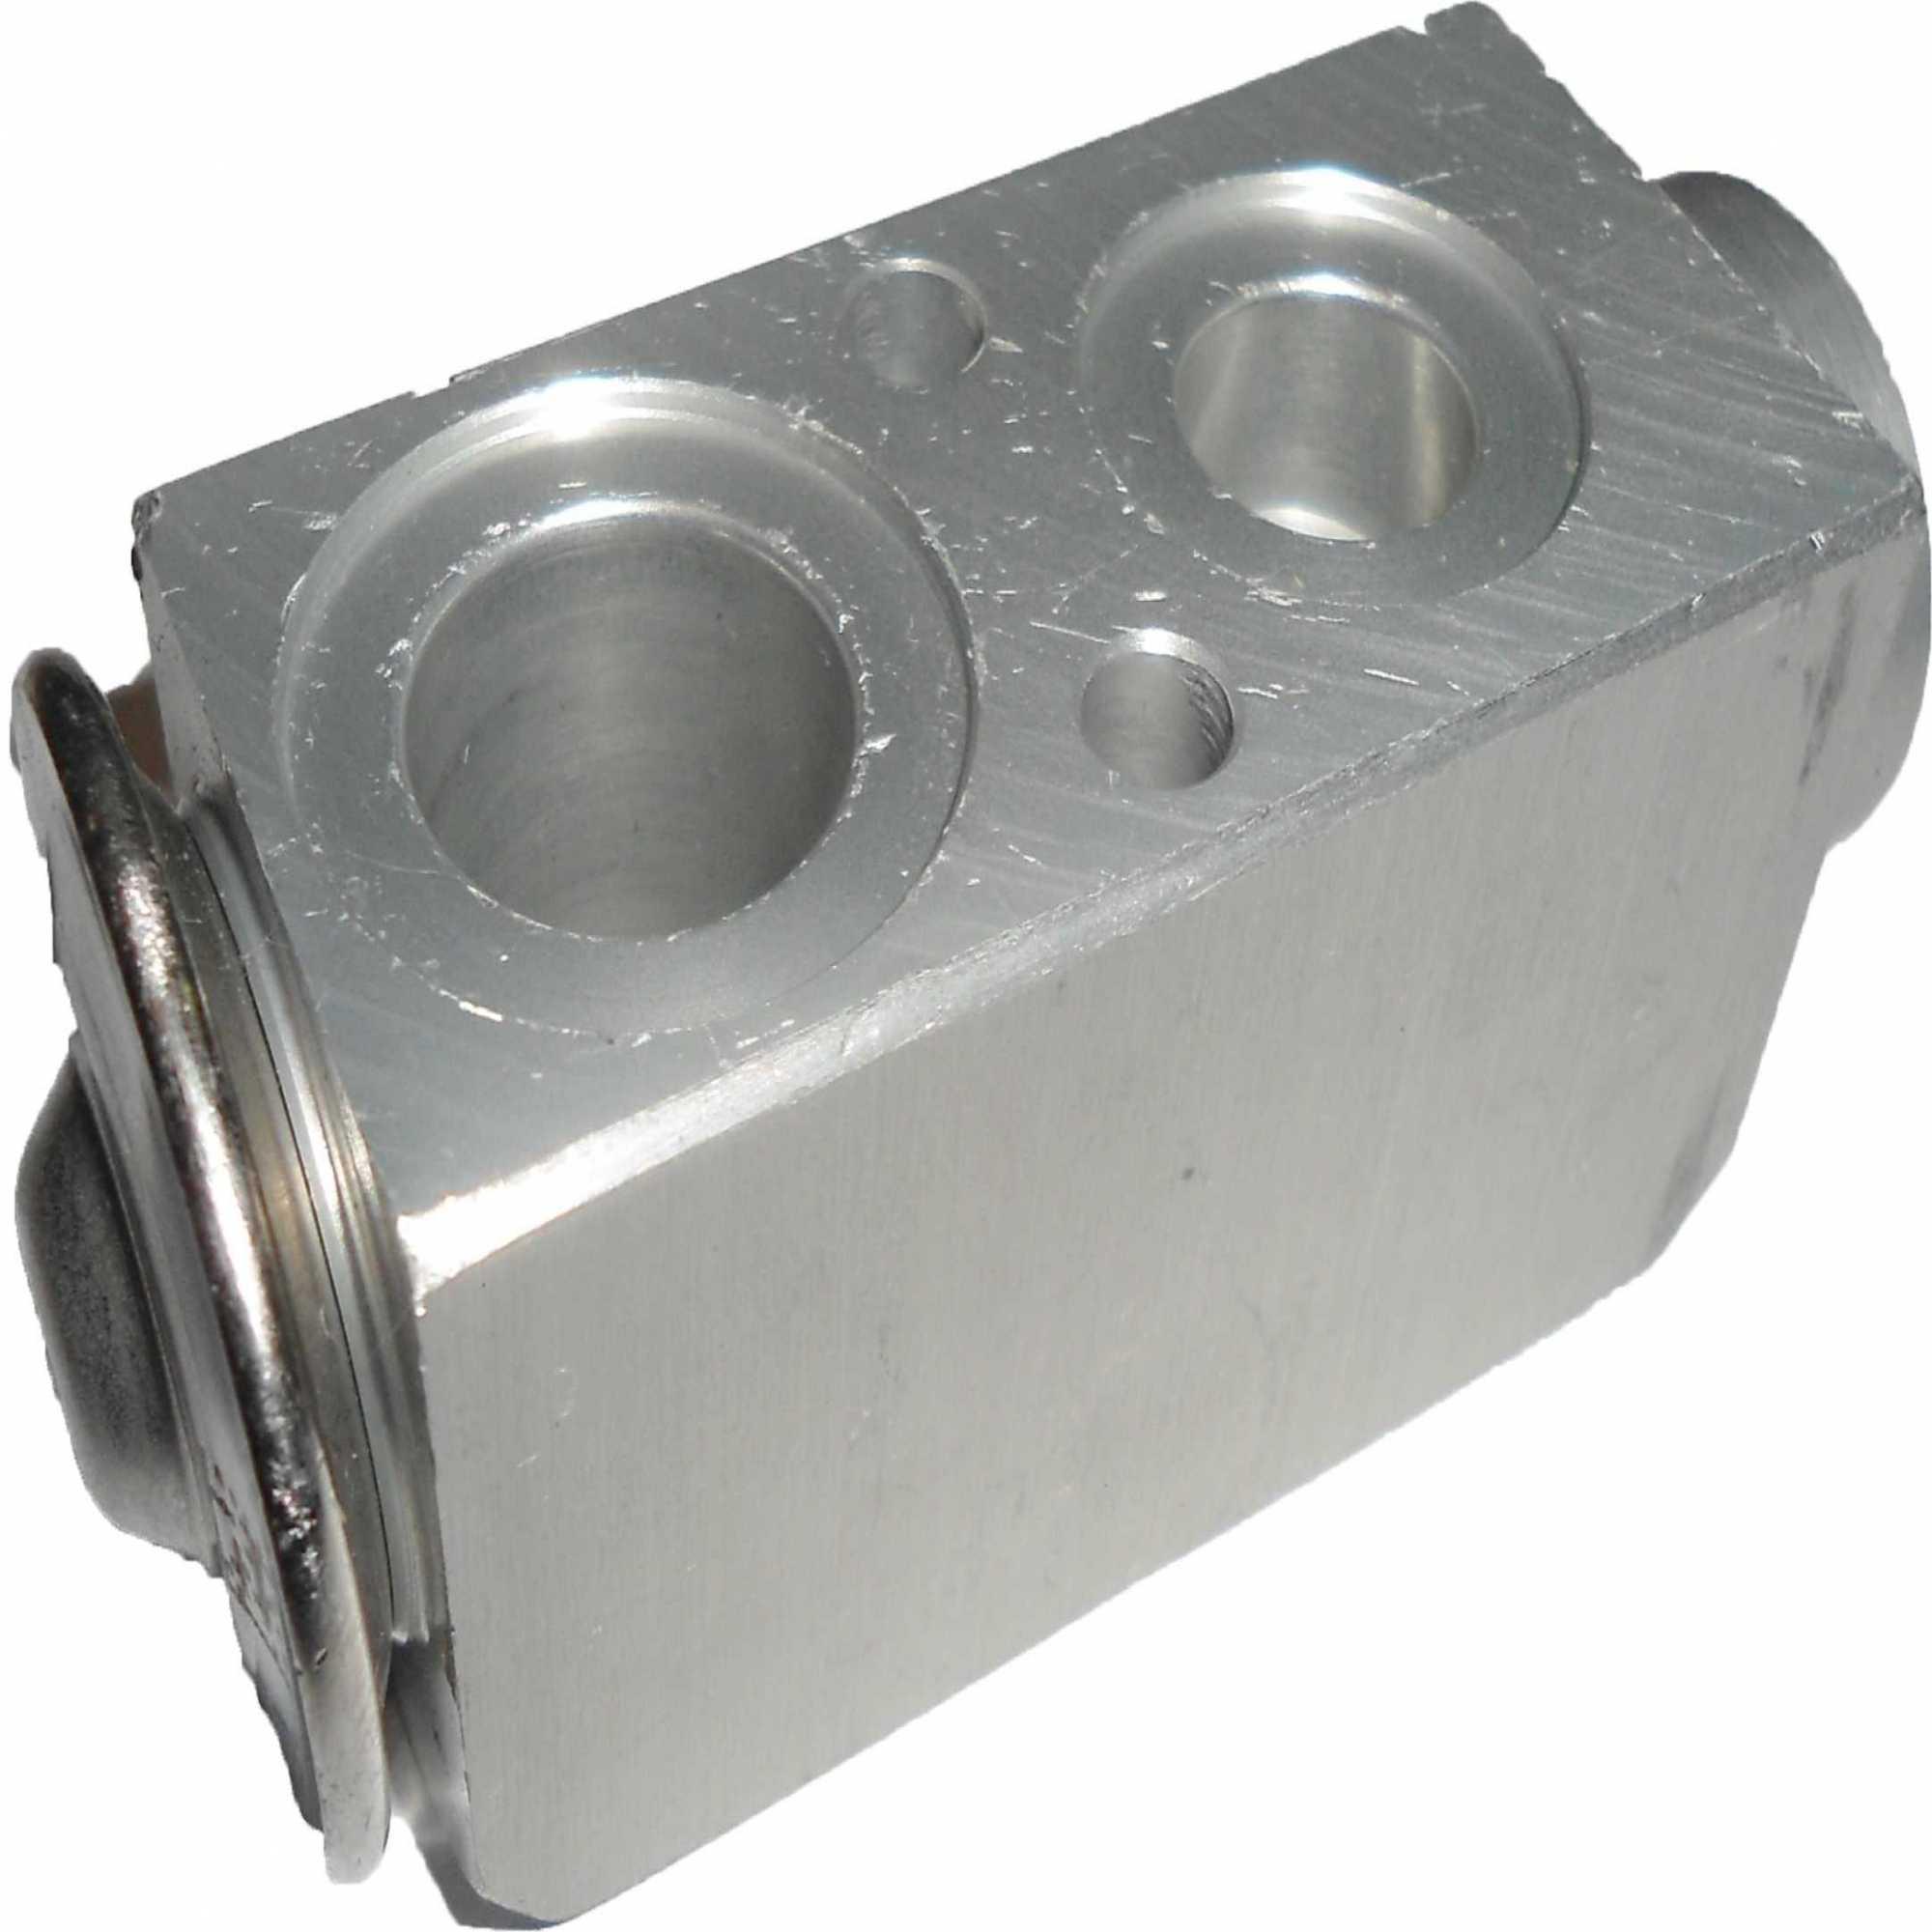 Valvula Expansao - Fusion 12/Aplica Captiva Oem-6E5Z19D594Aa Fusion >12/Aplica Captiva Oem-6E5Z19D594Aa